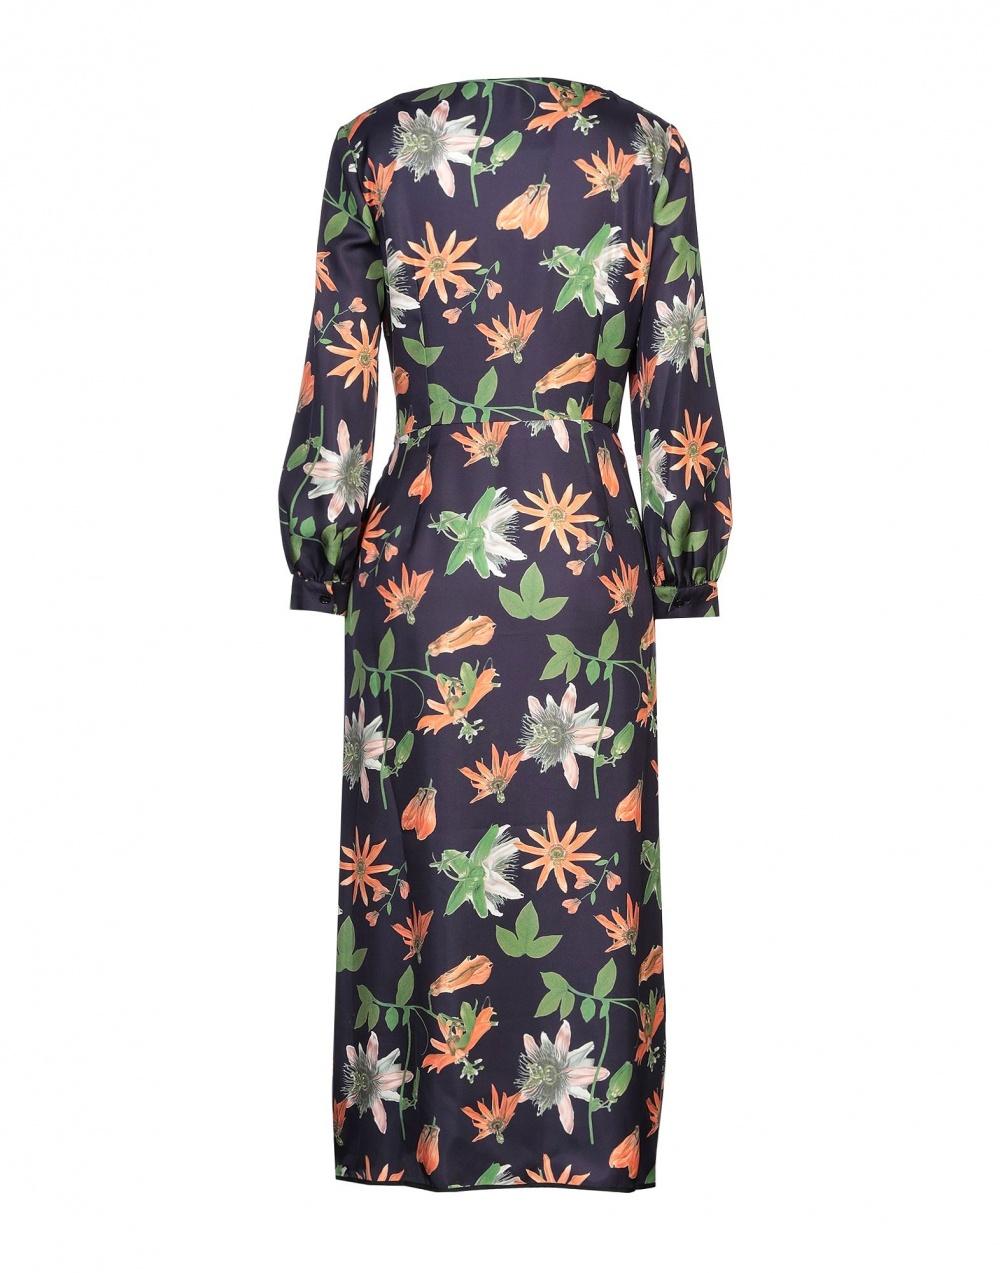 Шелковое платье Iris&Ink, 8UK, 36EU, 42 российский